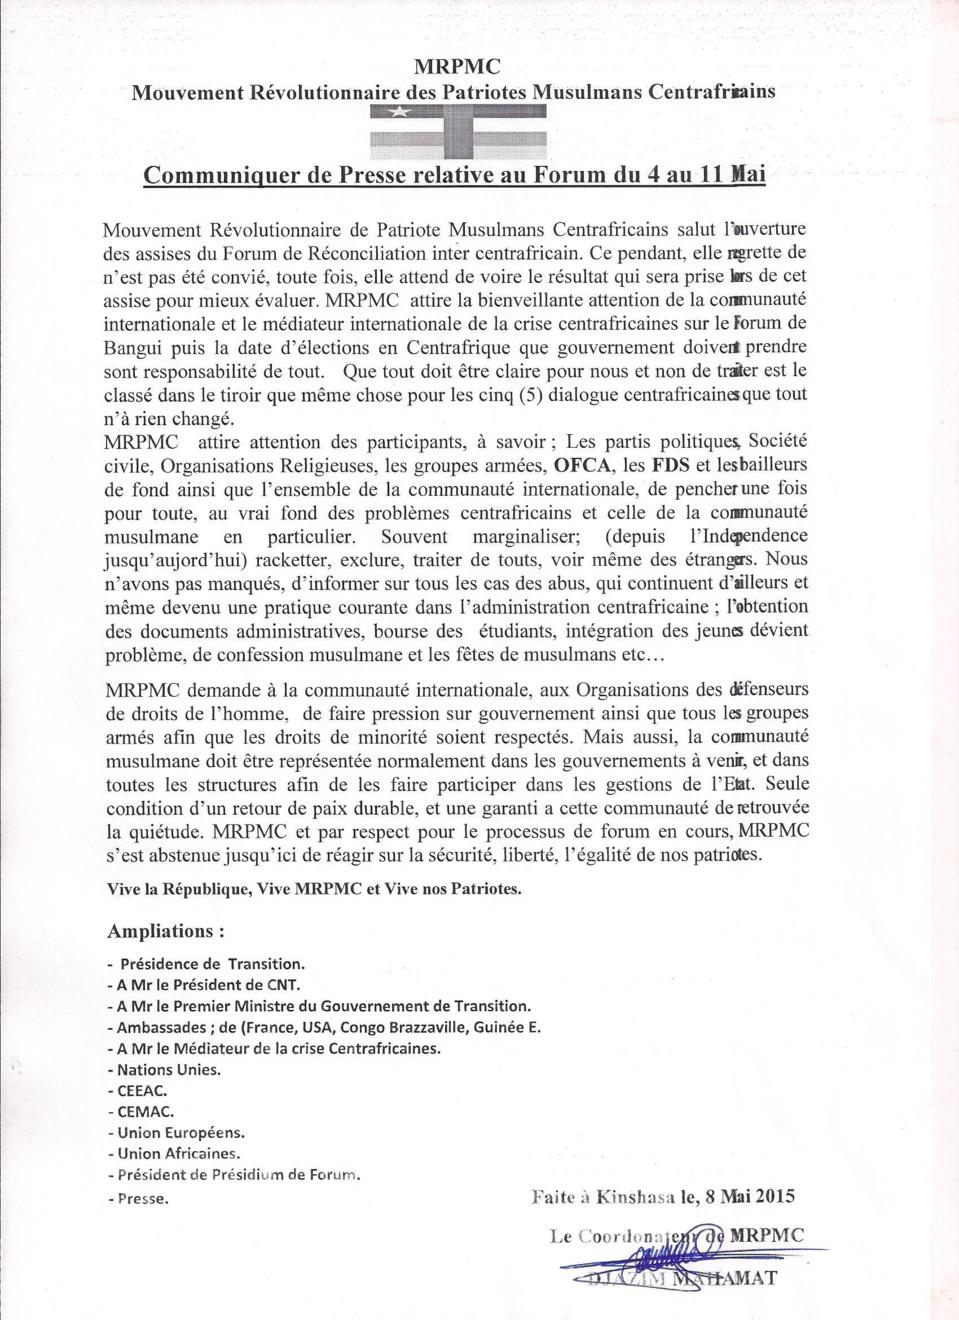 Centrafrique : Le MRPMC demande la protection des minorités